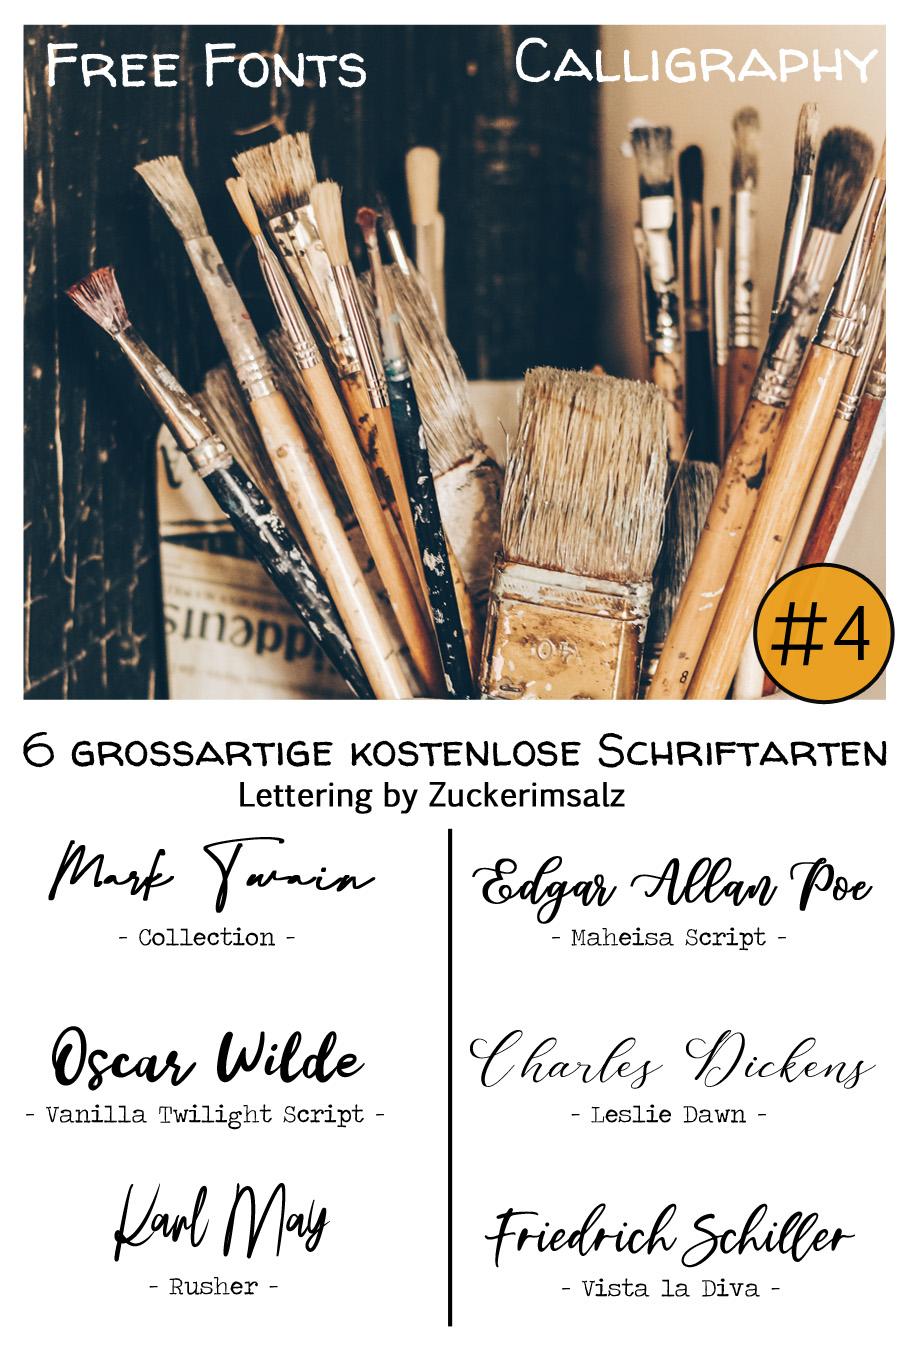 Freebie | 6 grossartige kostenlose Schriftarten … Lettering by Zuckerimsalz #4